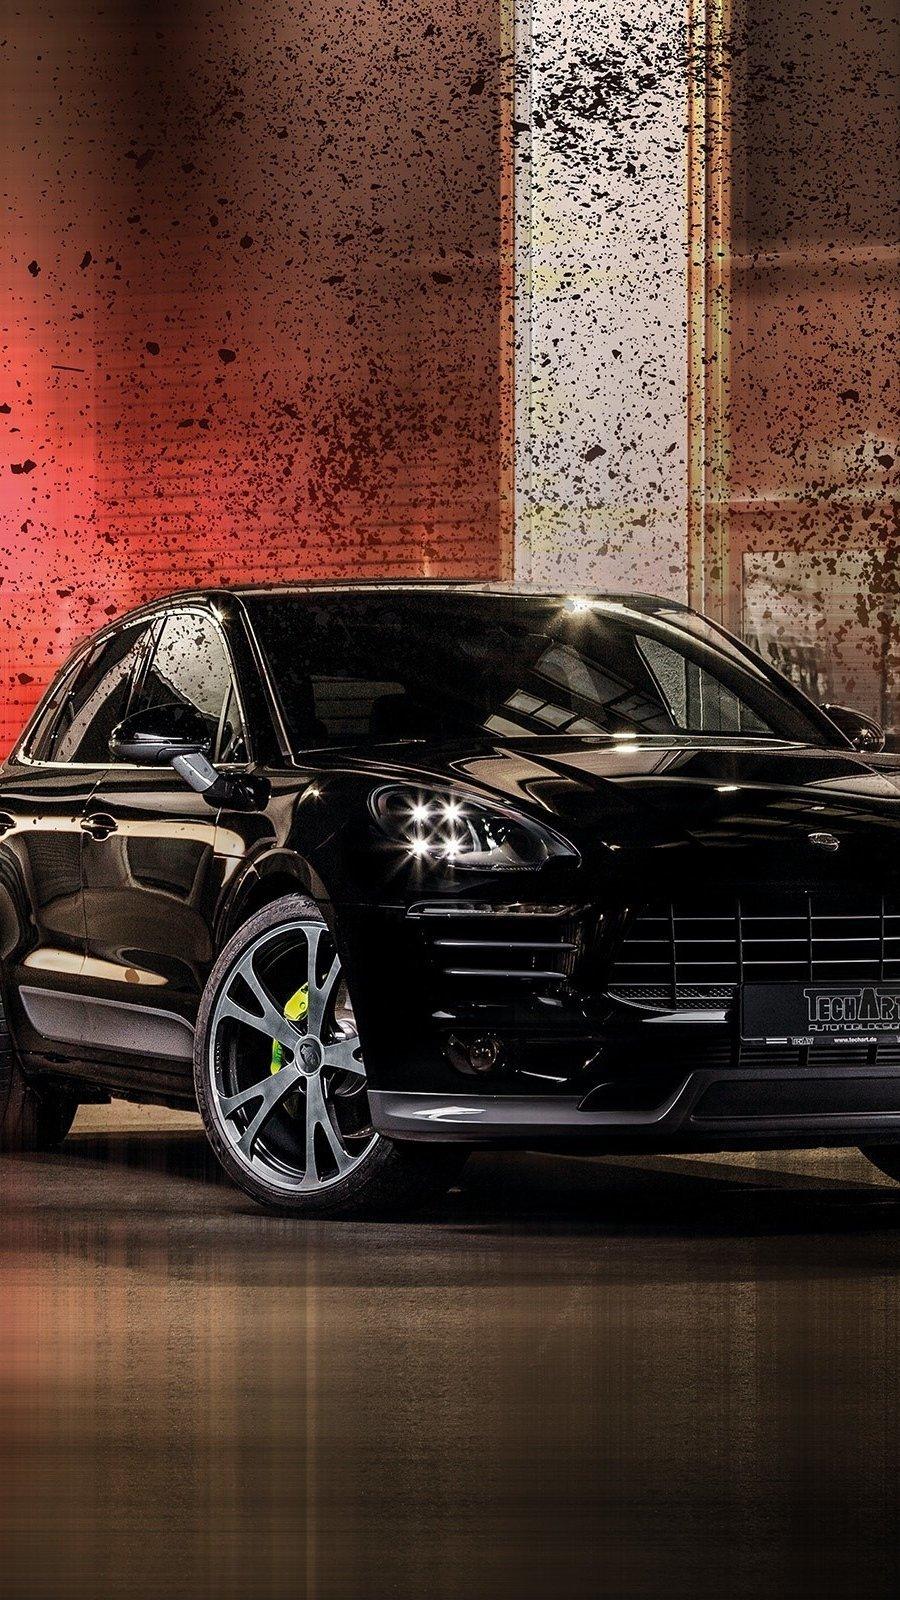 Fondos de pantalla Porsche Macan negro Vertical